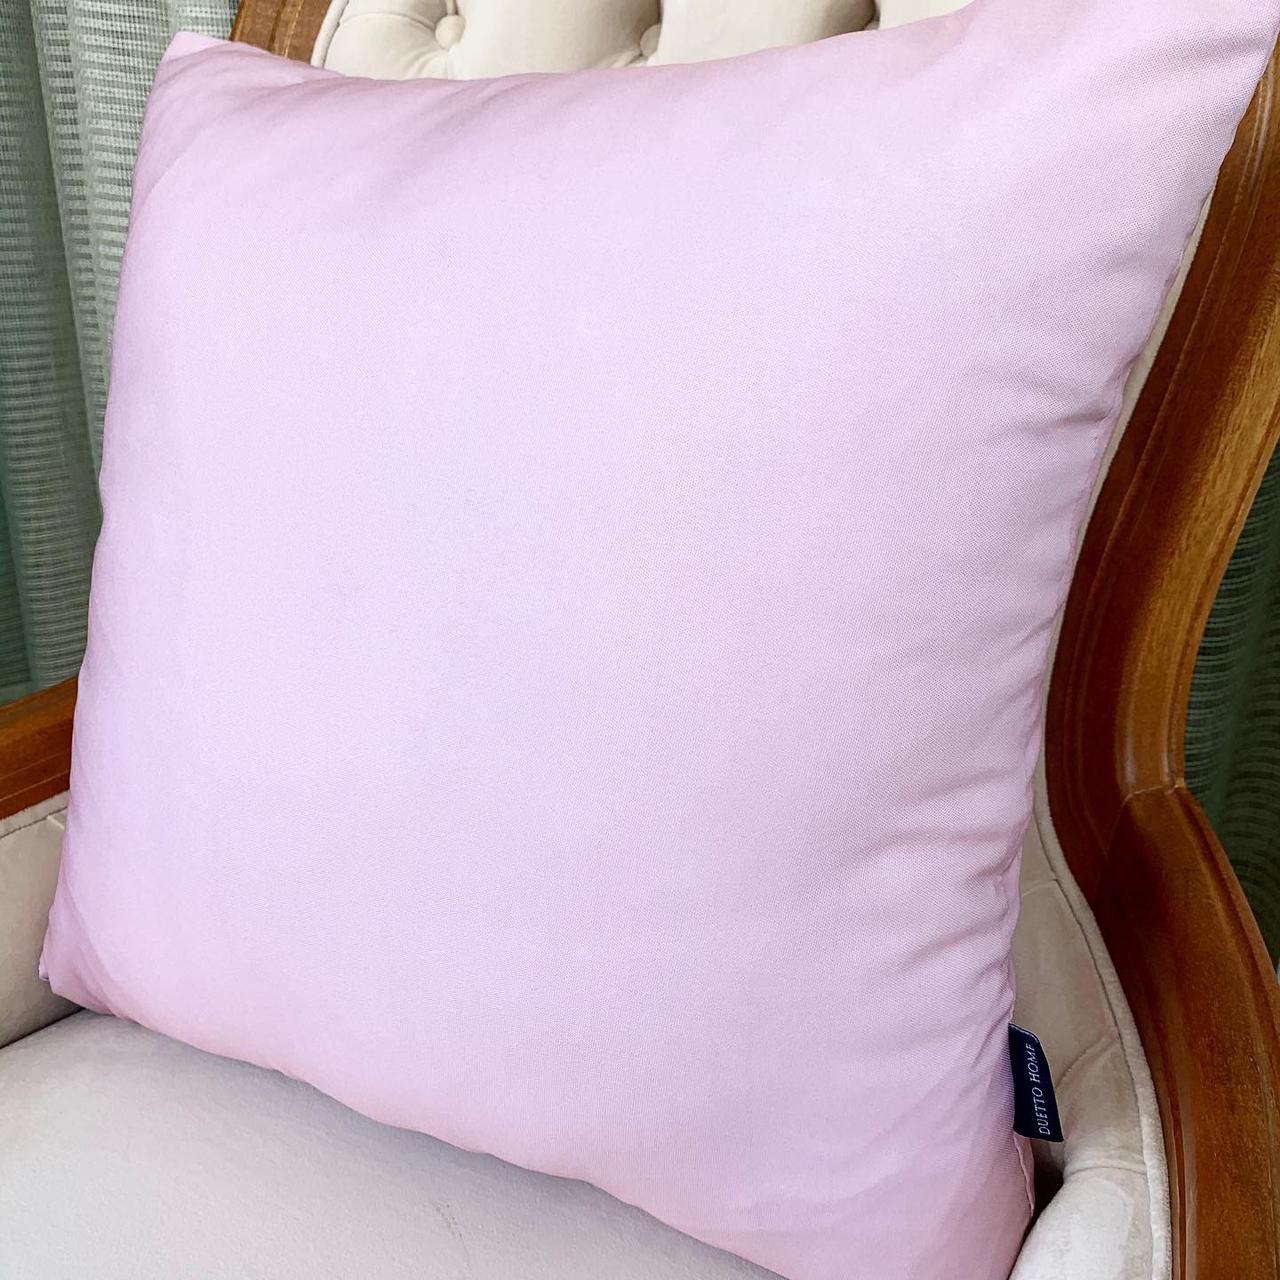 Almofada Lisa Decorativa Colorida